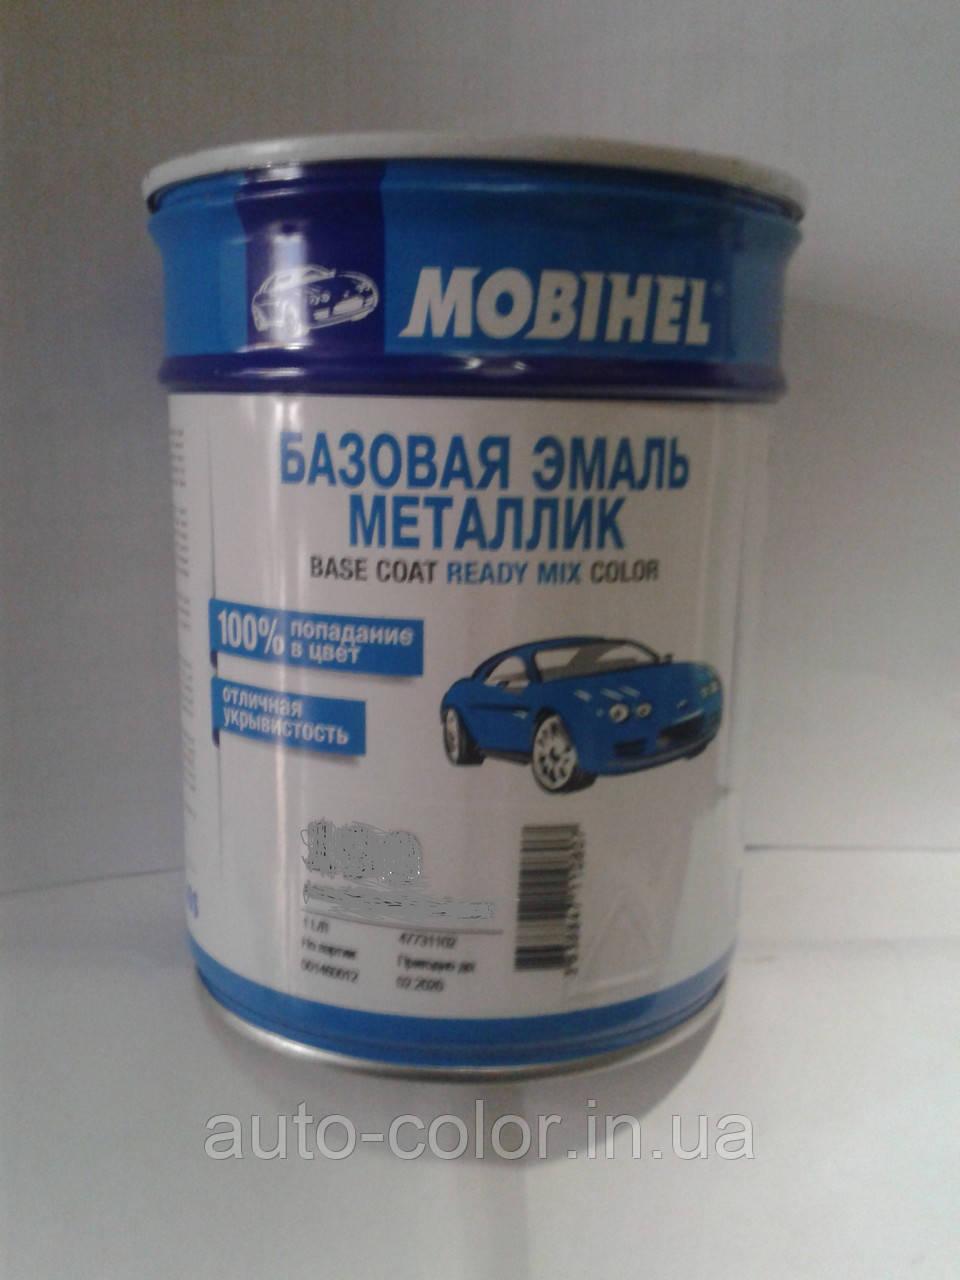 Автоэмаль базовая металлик Mobihel  74U Daewoo  1л